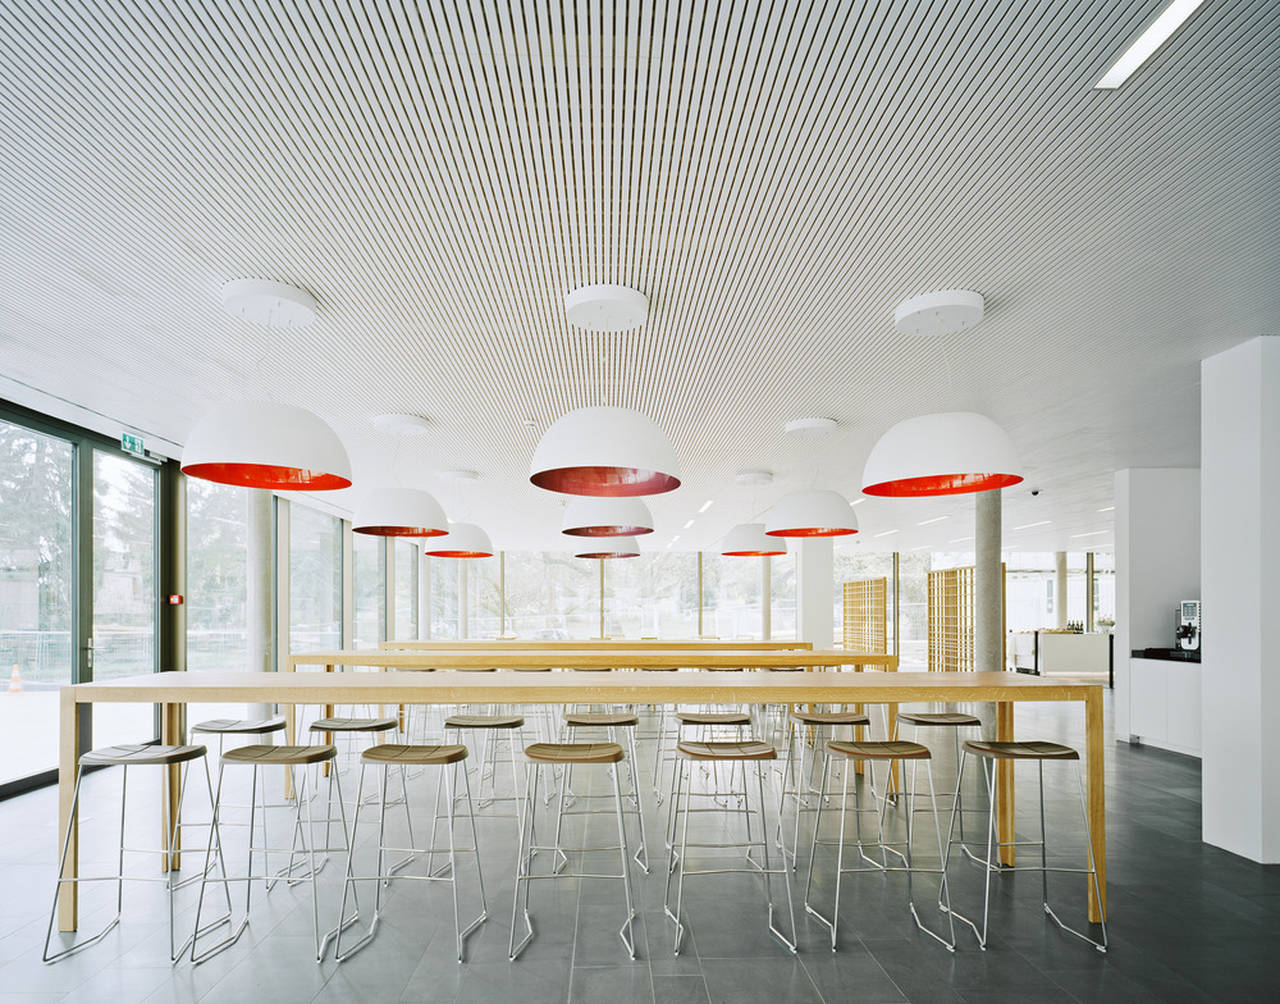 Restaurant World Trade Organization in Genève, Switzerland by Wittfoht Architekten : Photo credit © Brigida González